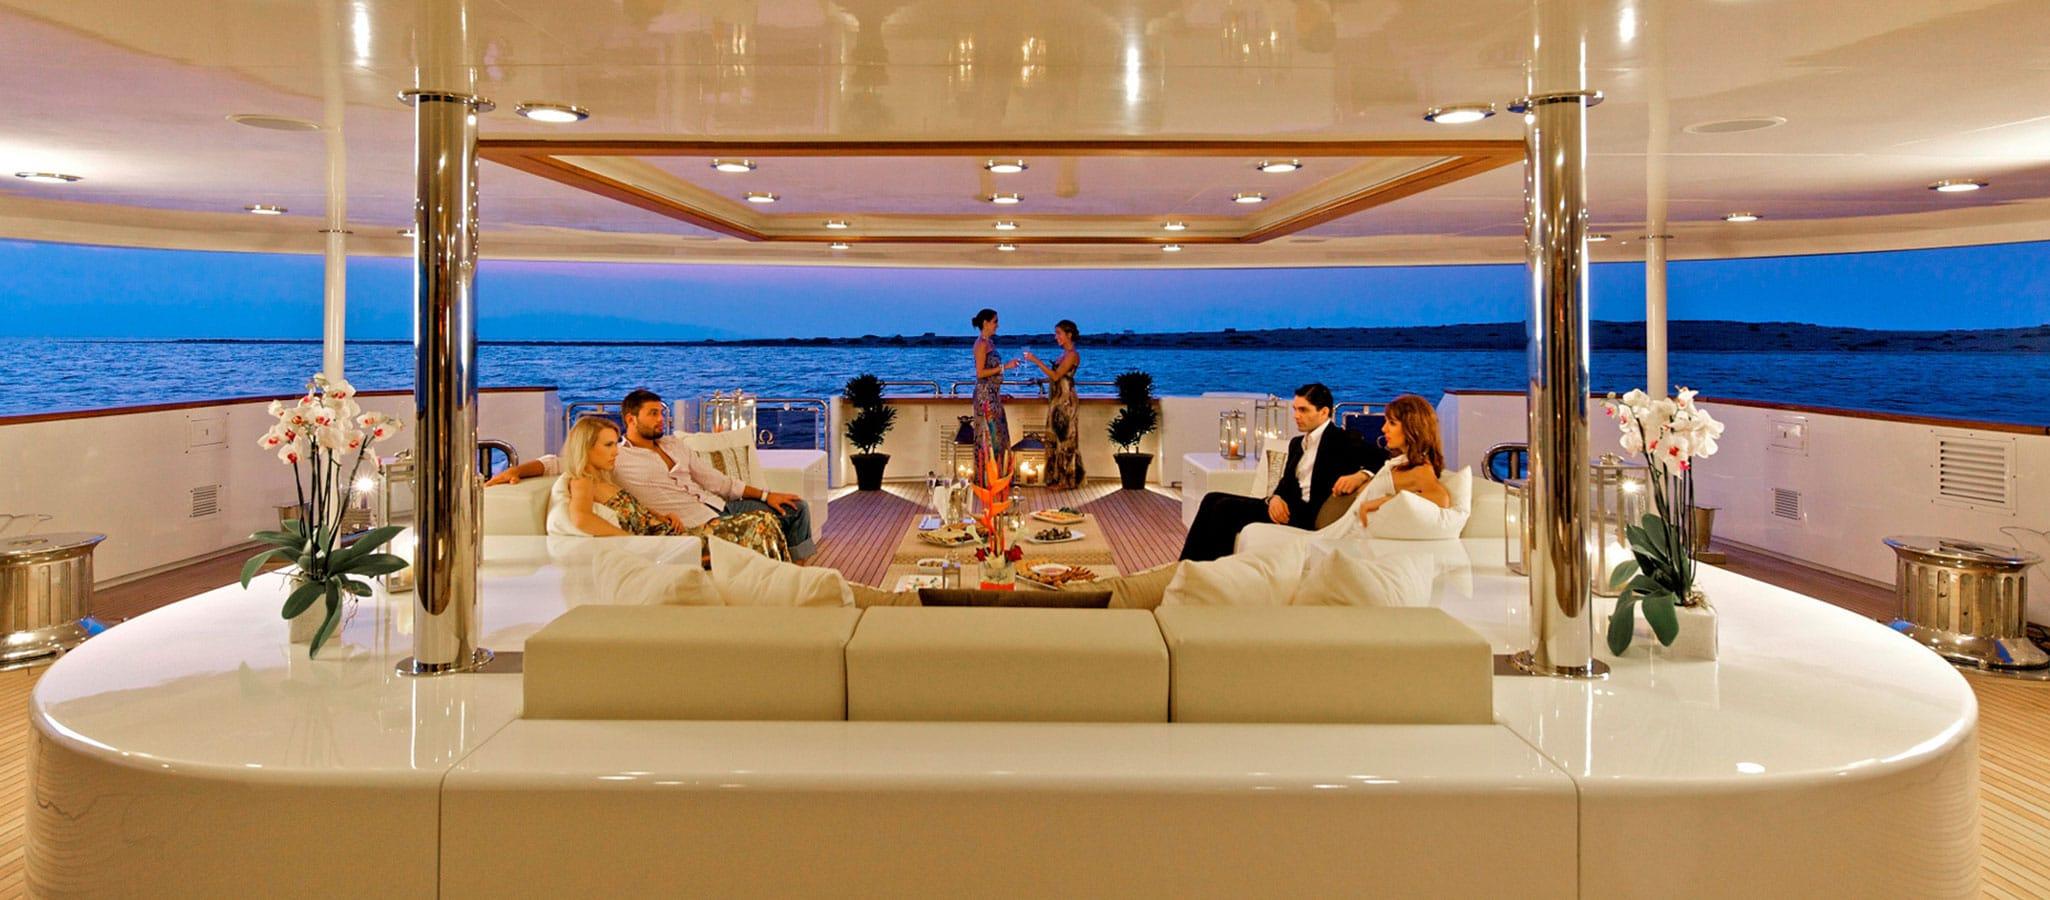 Die opulenten Decksflächen erlauben Cocktail-Empfänge im kleinen wie im großen Stil.